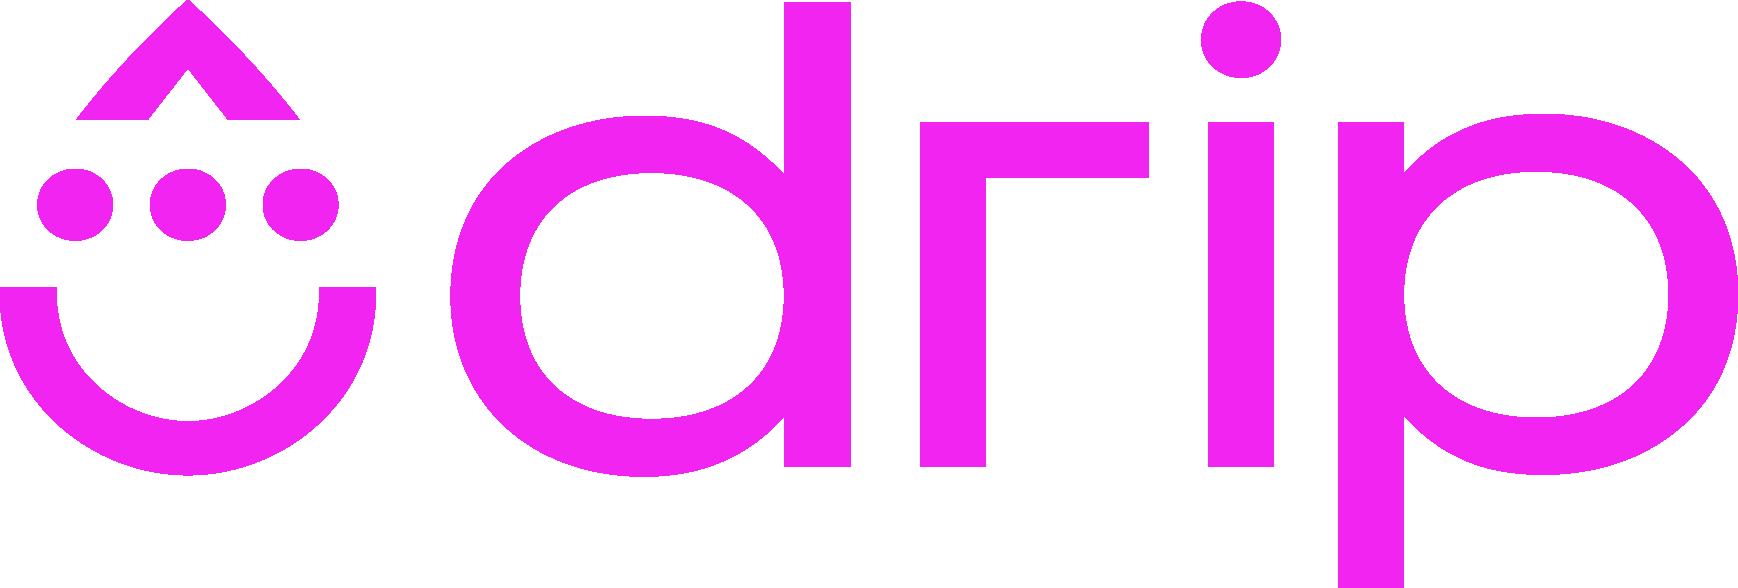 Drip - отзывы,  альтернативы (аналоги, конкуренты), видеоредакторы, функционал, сравнения